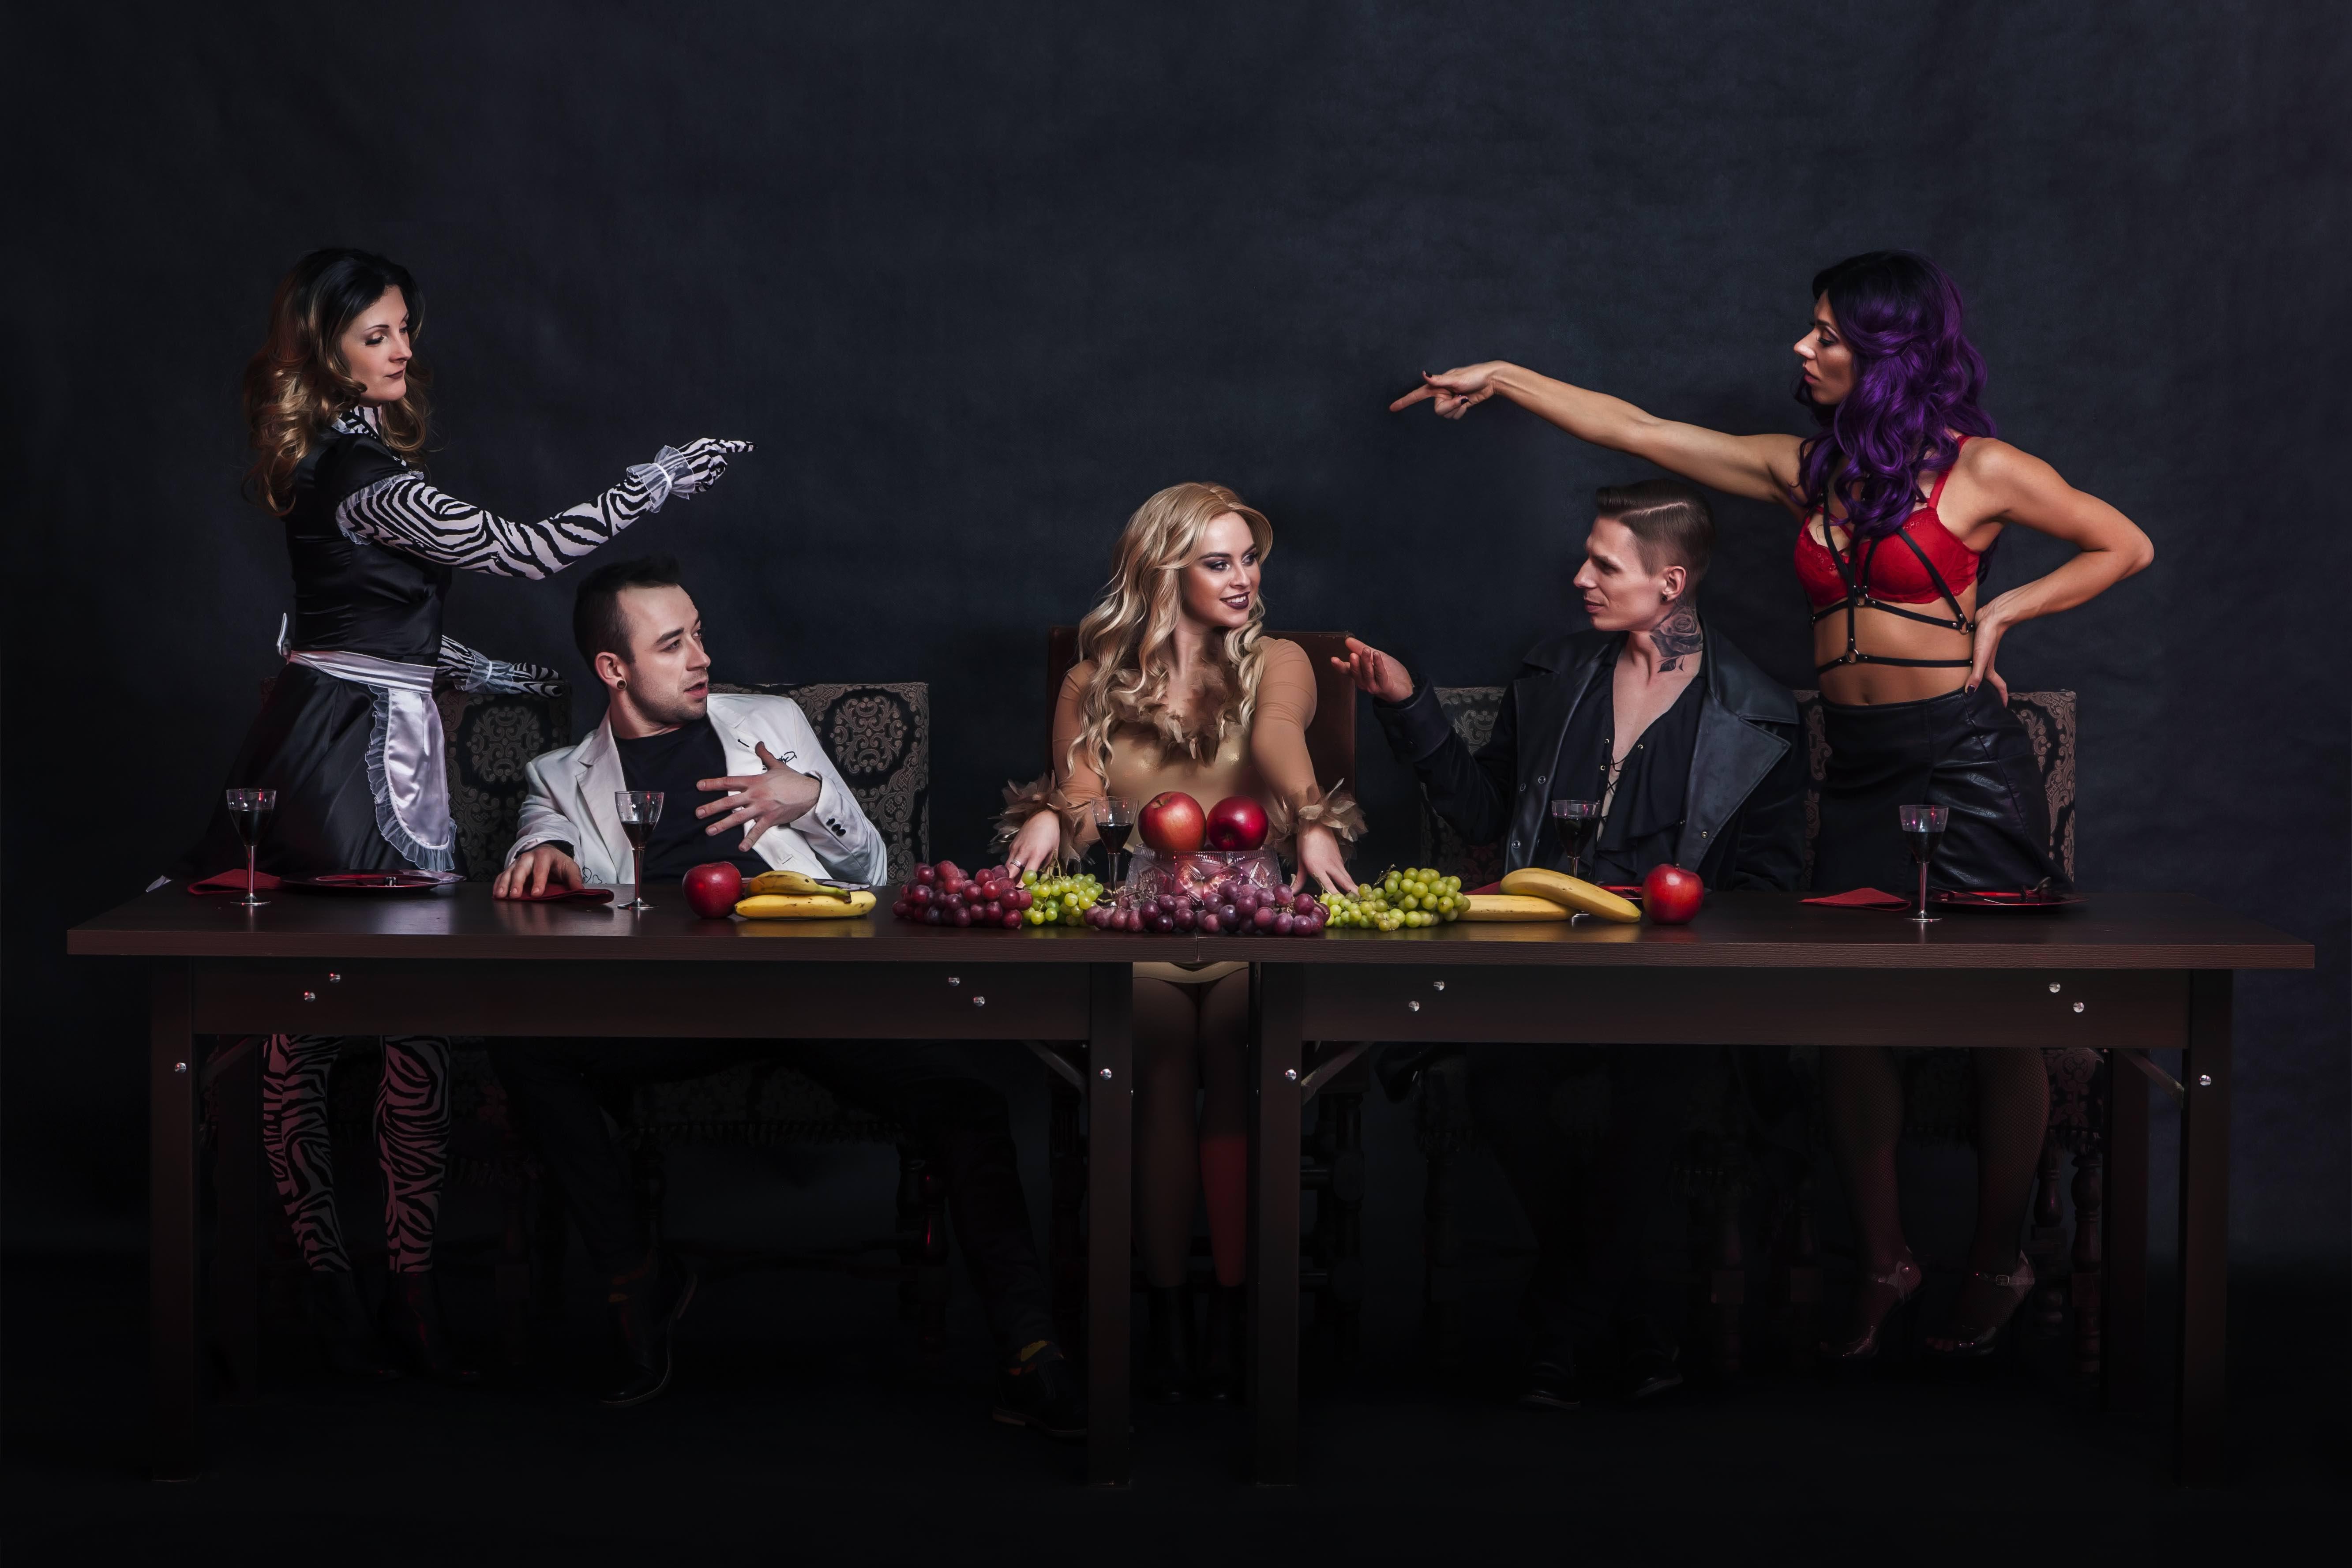 magazynkobiet.pl - Art Movement - Finaliści You Can Dance stworzyli jedyne takie show, które zaprezentują w Gdyni  już 24 i 25 marca!